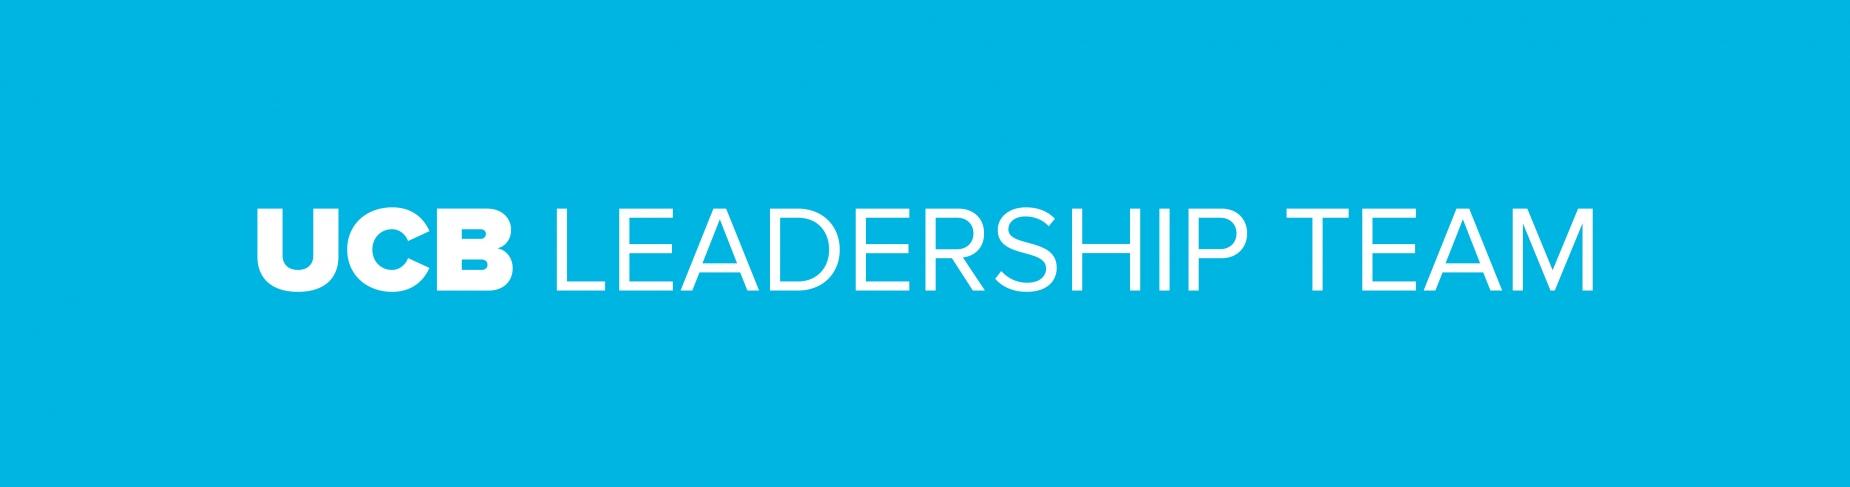 Leadership Team page header